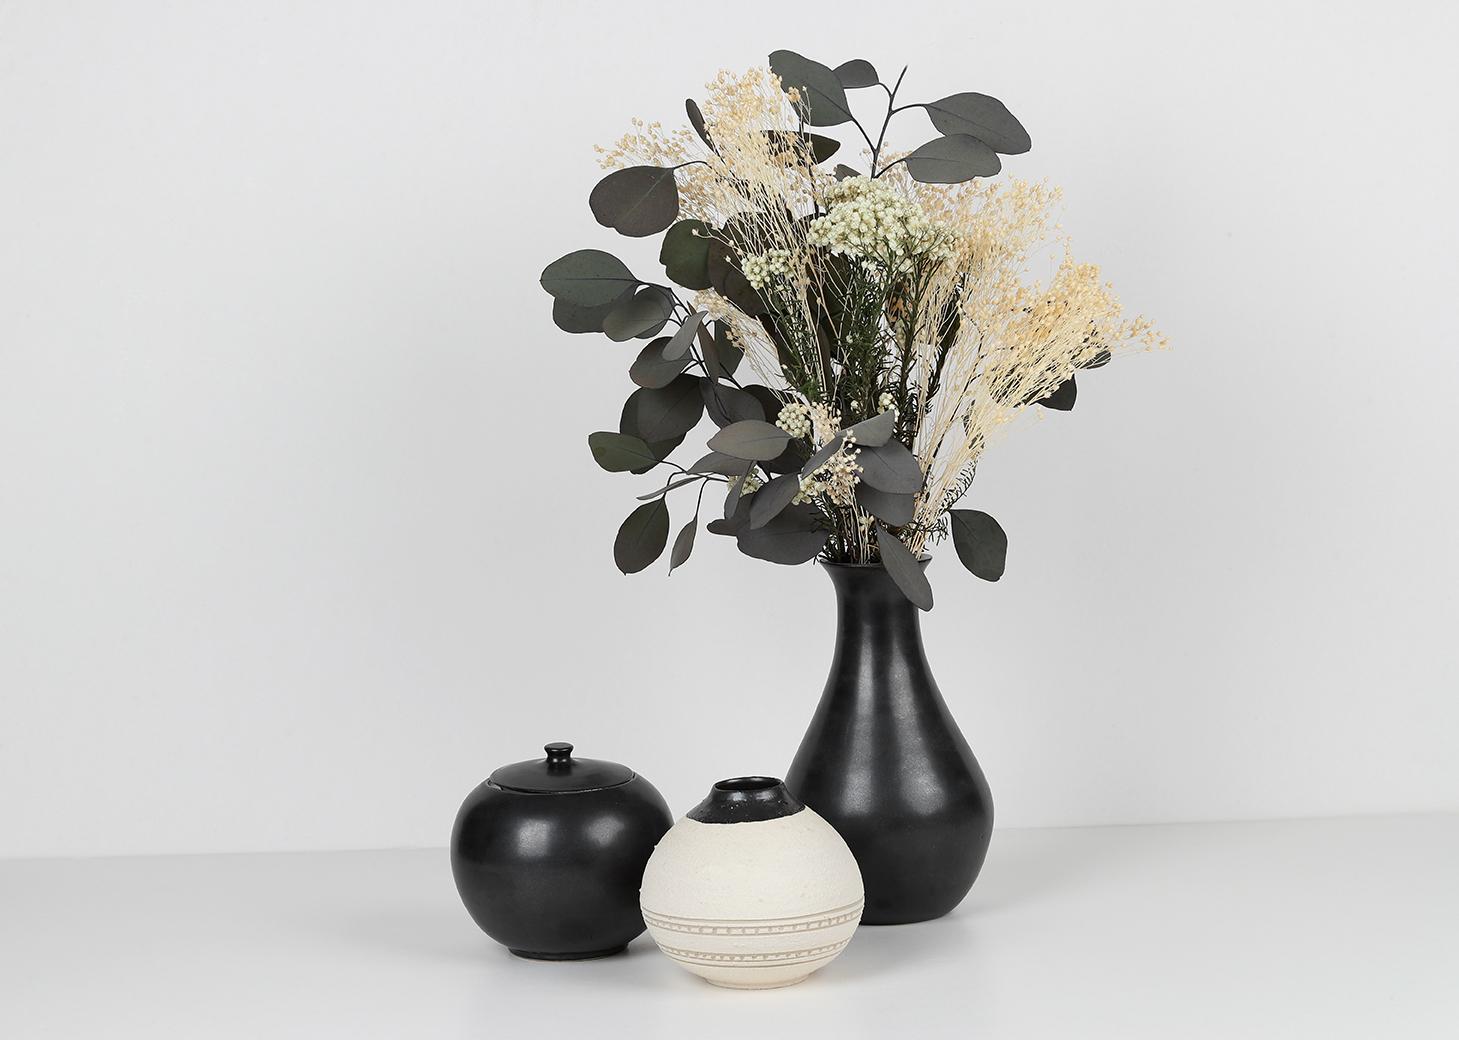 Composition collection GRANNIE - Vases, bouquet de fleur, boîte ronde avec couvercle. Émail noir mat, engobe de structure de porcelaine